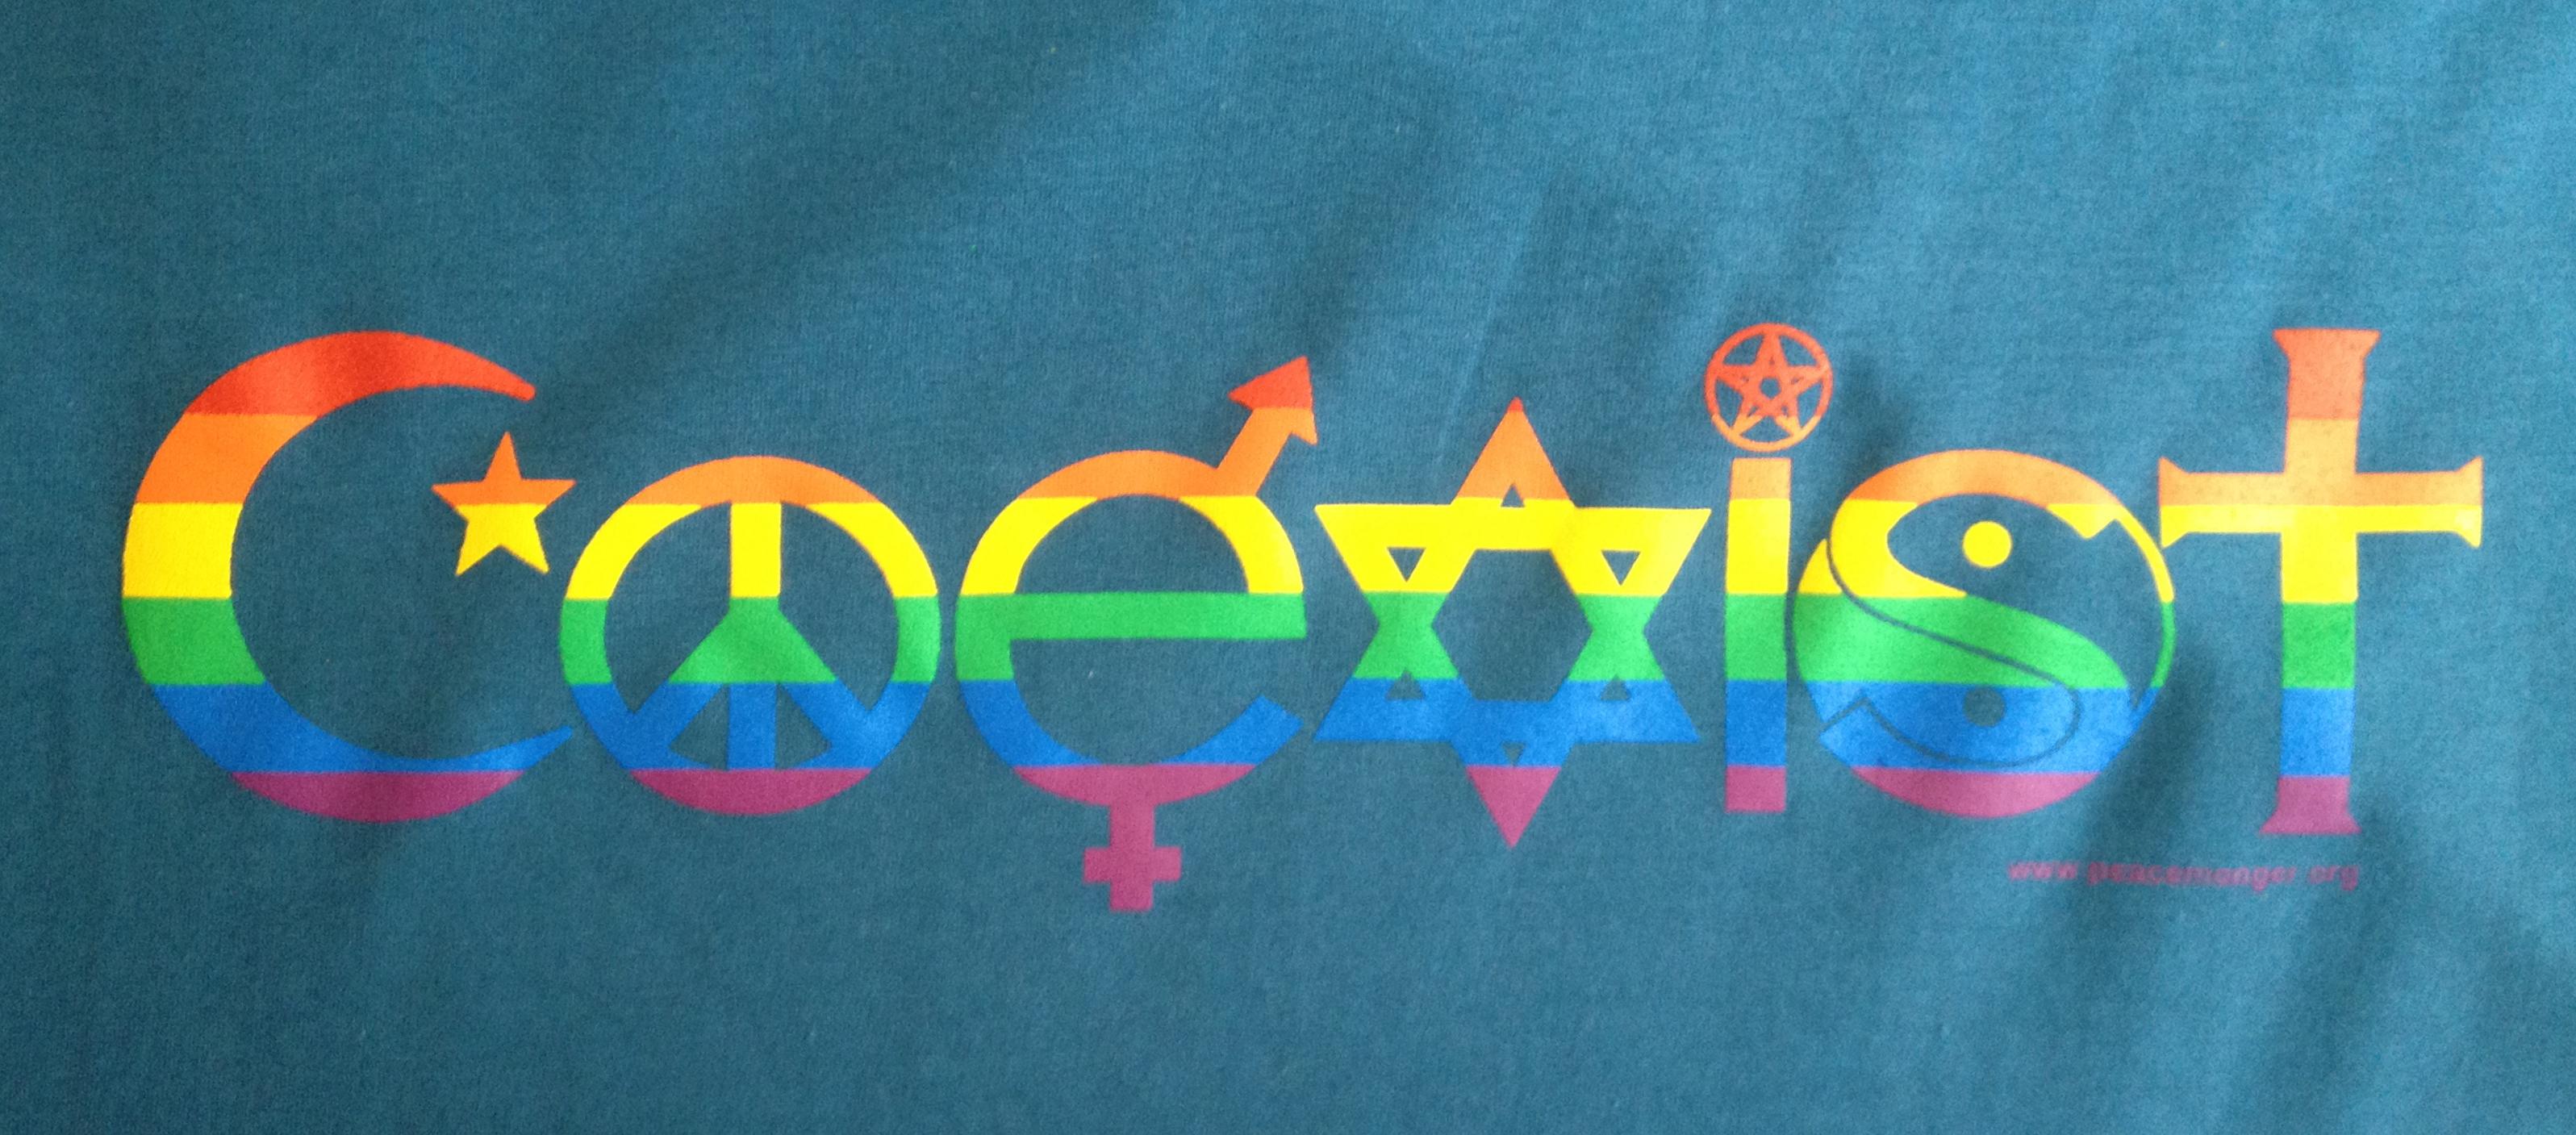 Coexist rainbow